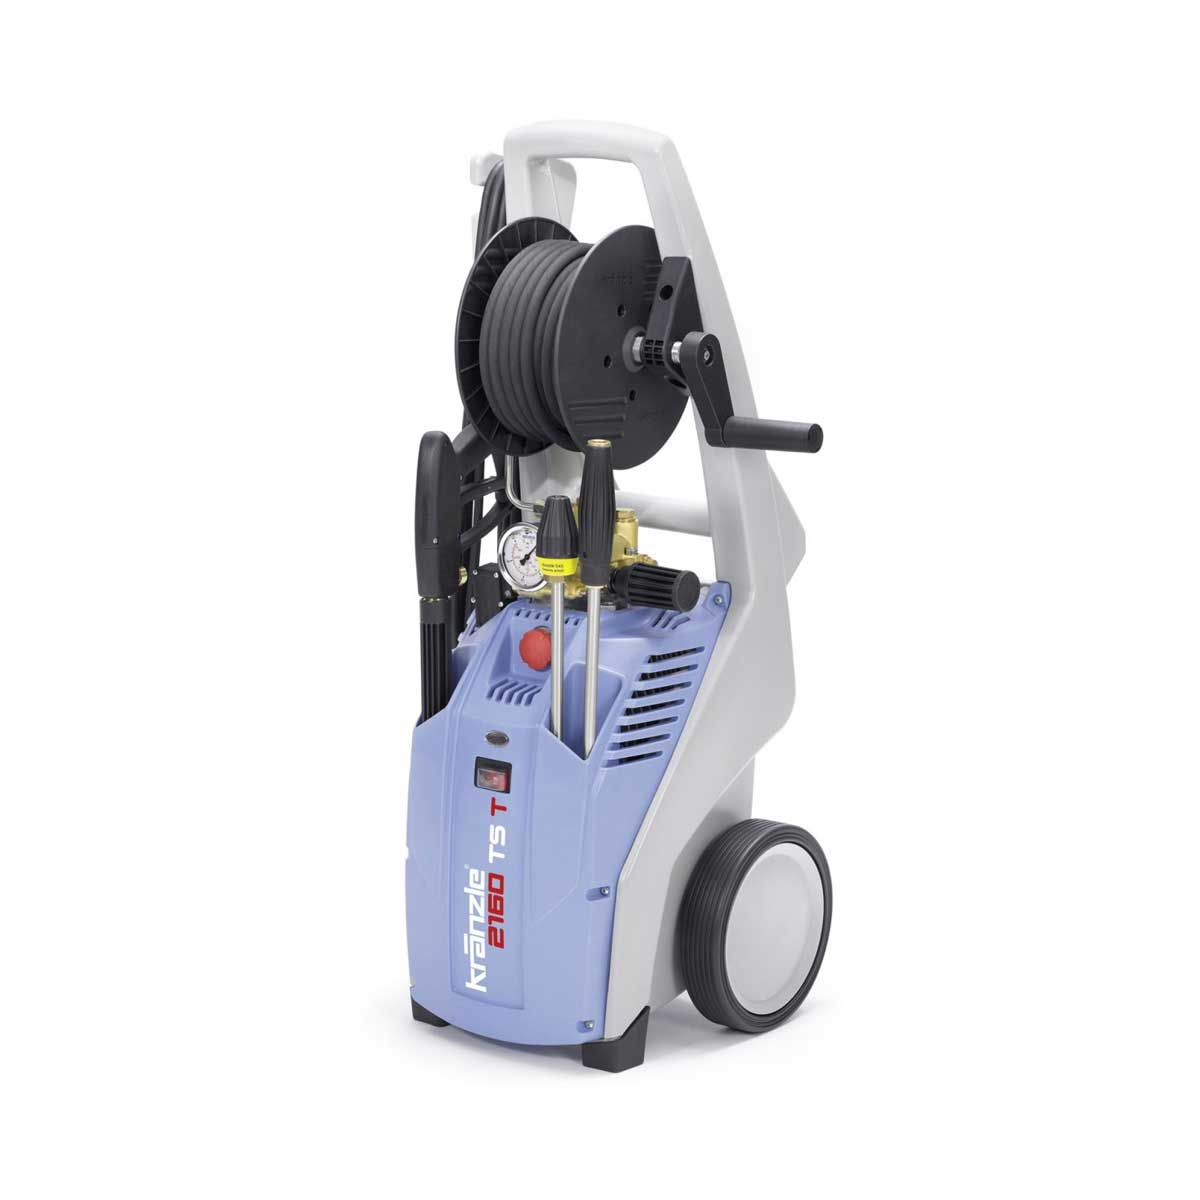 Högtryckstvätt Kränzle K2160 TST, Högtryckstvätt + Dr Dirt Foam Lance Professional